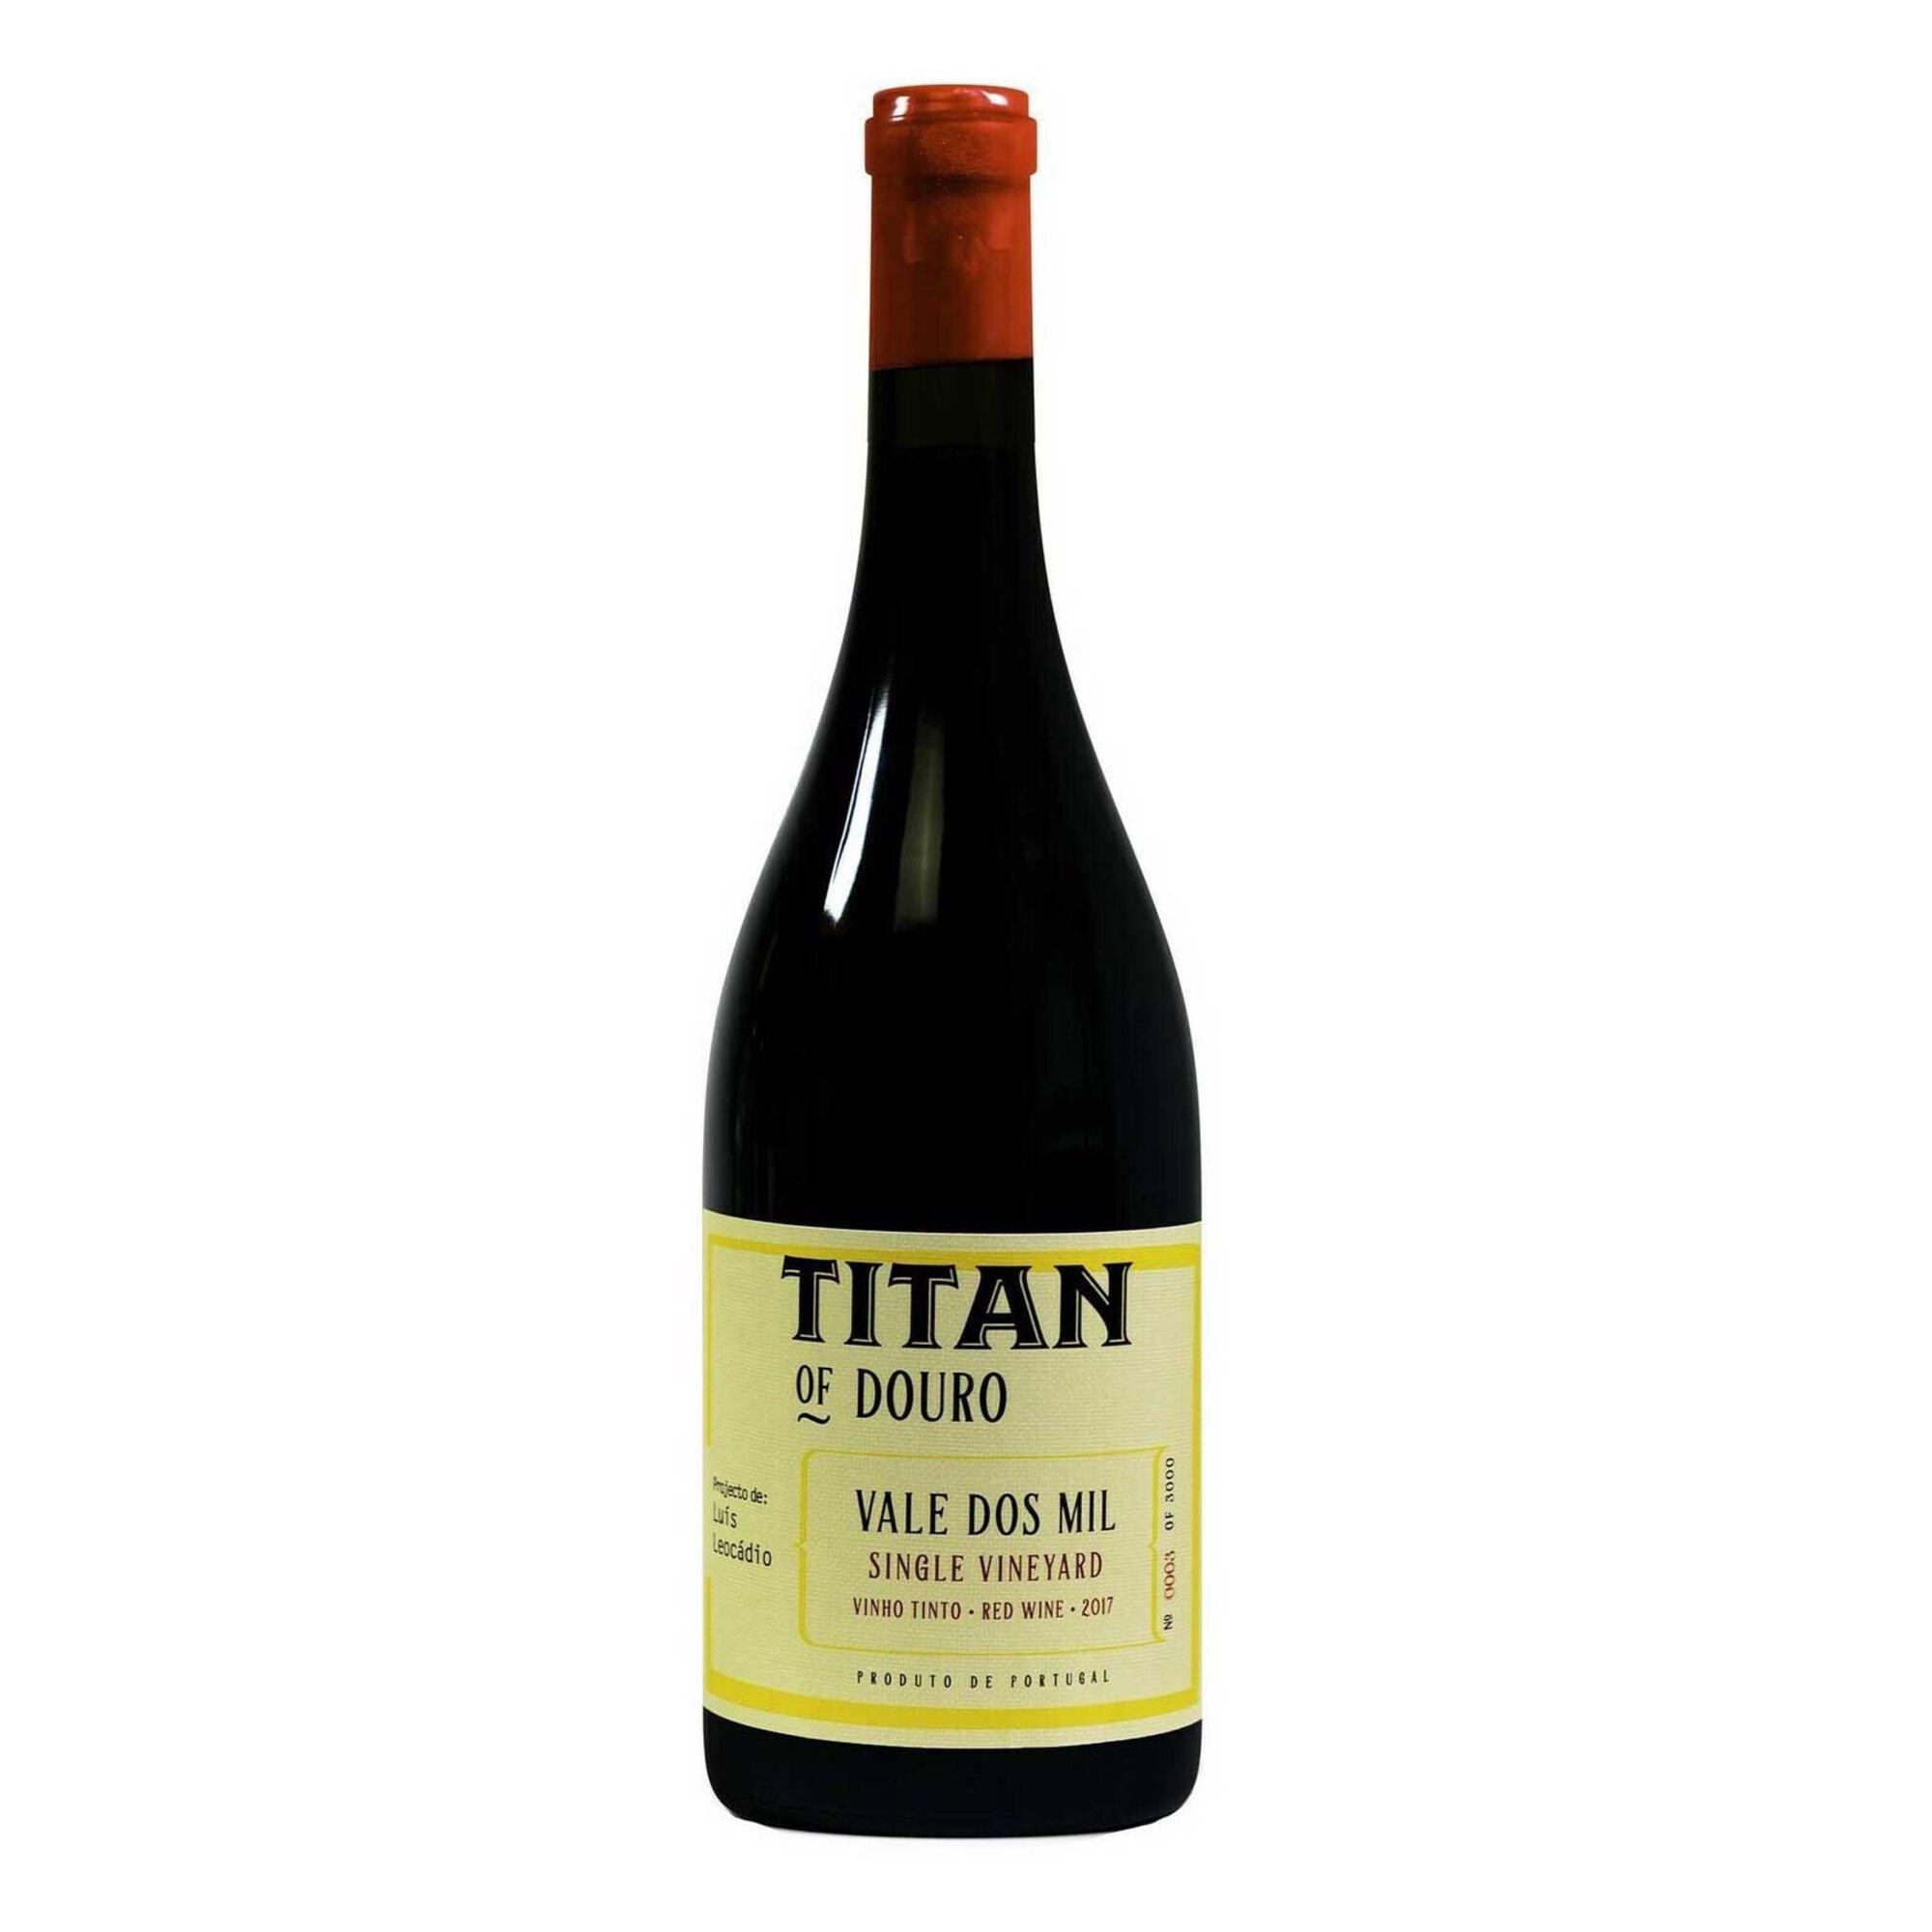 Titan Vale dos Mil DOC Douro Vinho Tinto